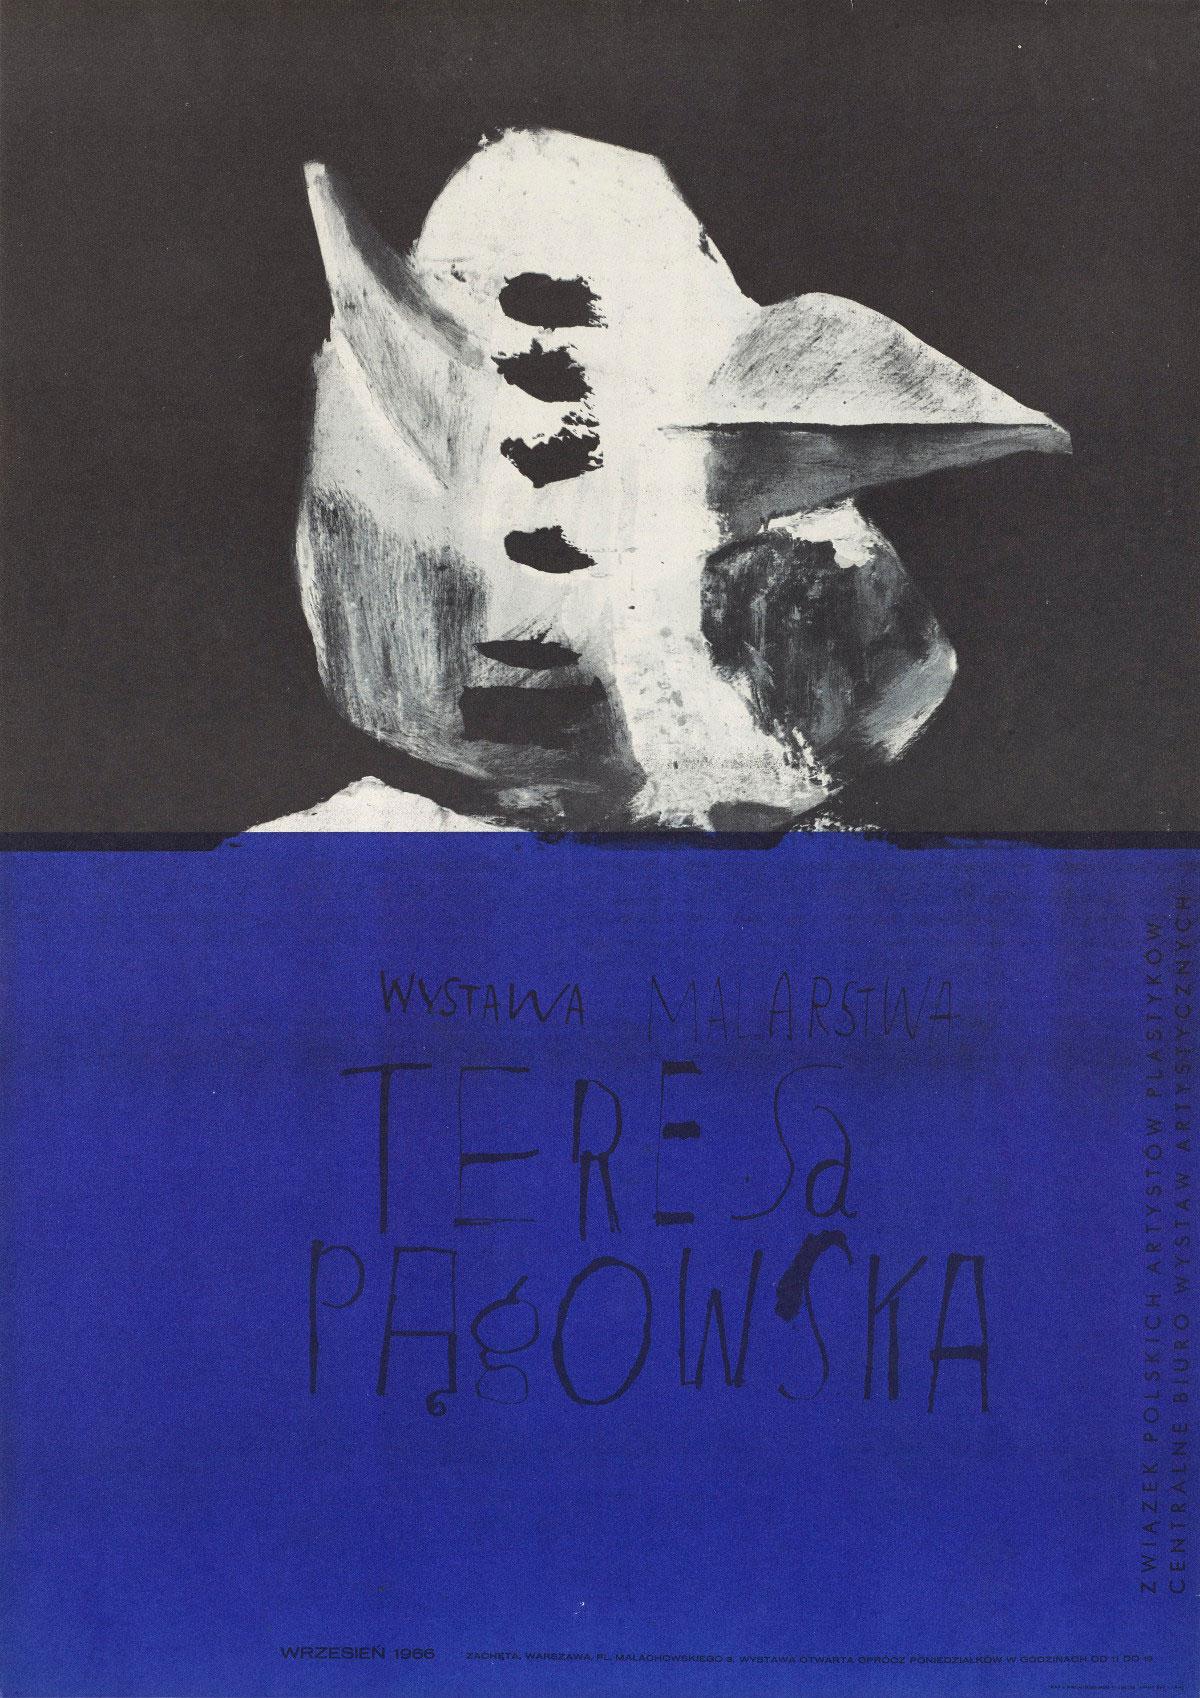 Henryk-Tomaszewski-Teresa-Pagowska-1966